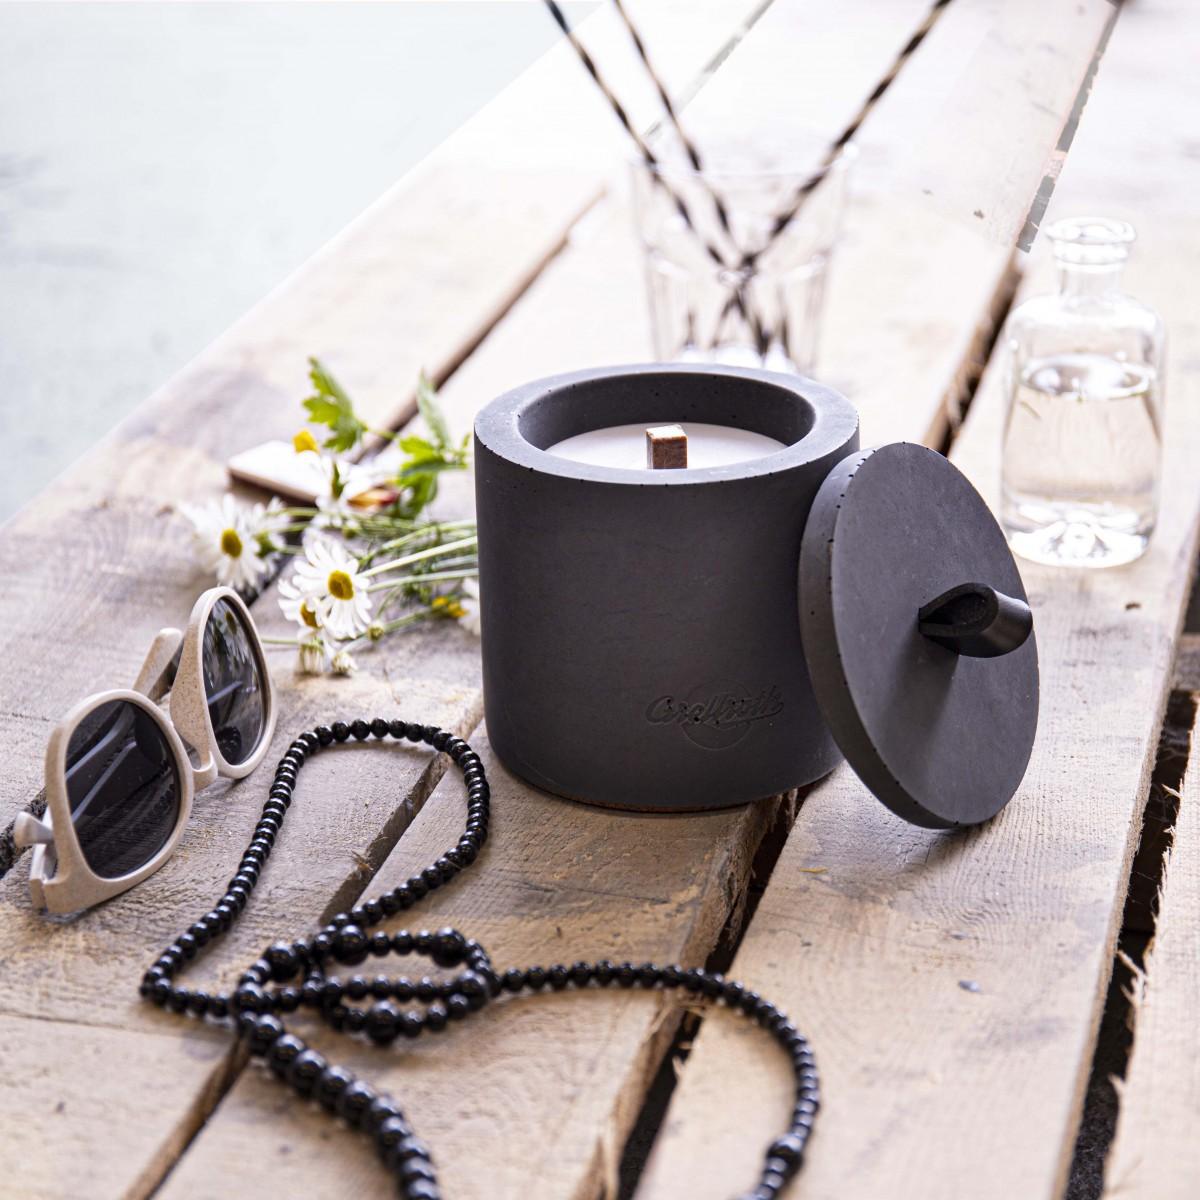 """Beton-Outdoor-Feuer """"DARK"""" (Höhe 14 cm) - mit schwarzem Ledergriff. Oder: Der nachhaltige Wachs-Fresser von Grellroth Design"""